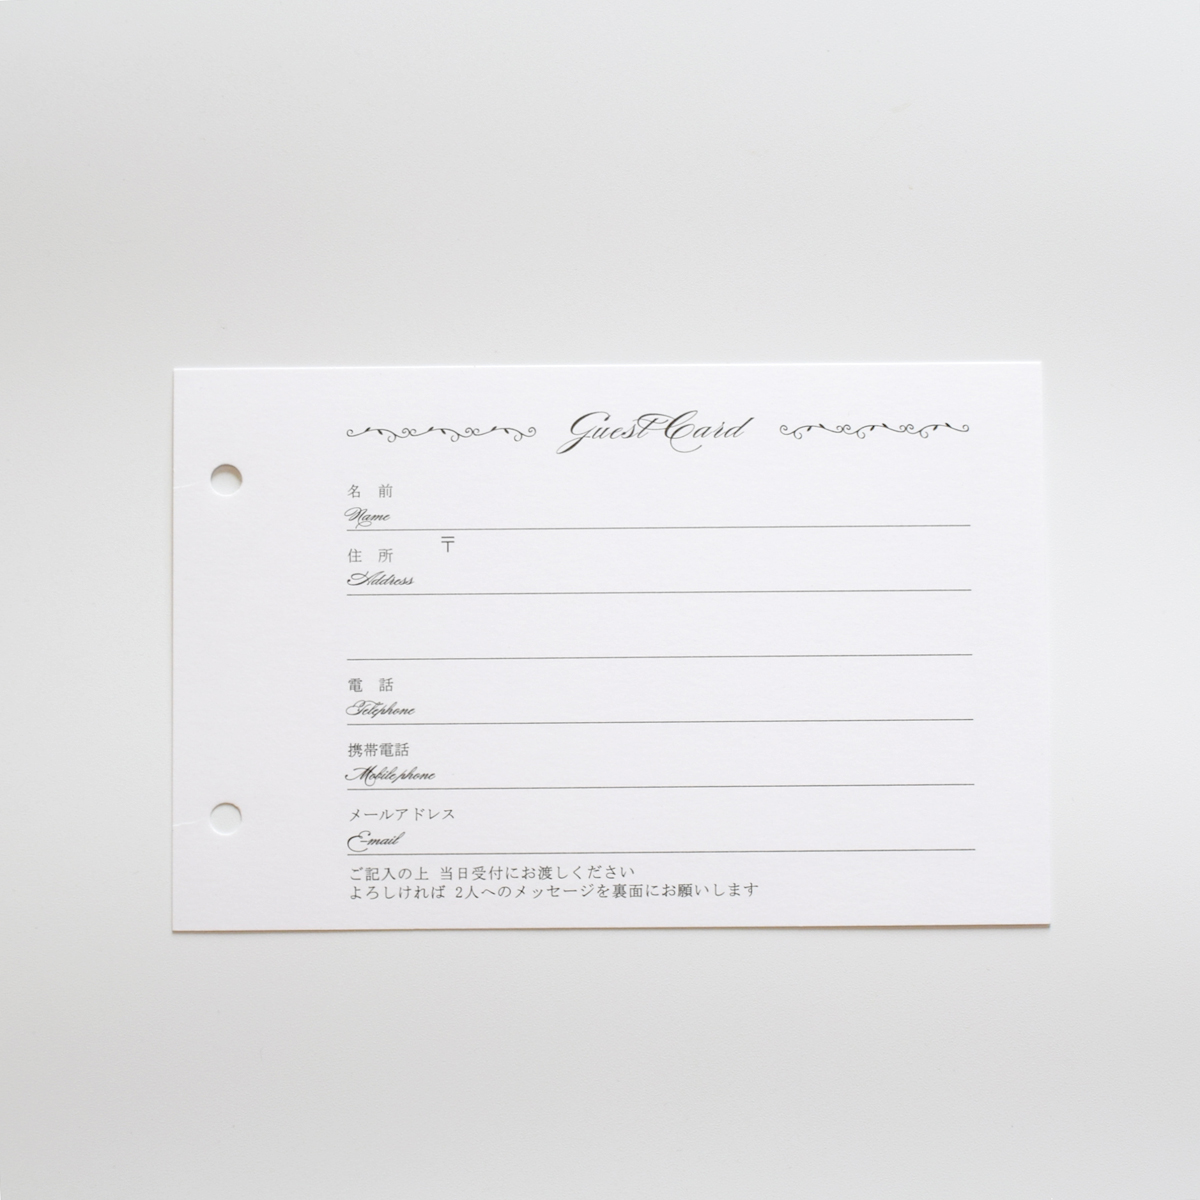 結婚式 ウェディングアイテムが充実 直営ストア Ti Amo 洋風ゲストカード追加分 穴有り 35名様分 ゲストブック 35枚入 芳名帳 ウェディング 全店販売中 カード式